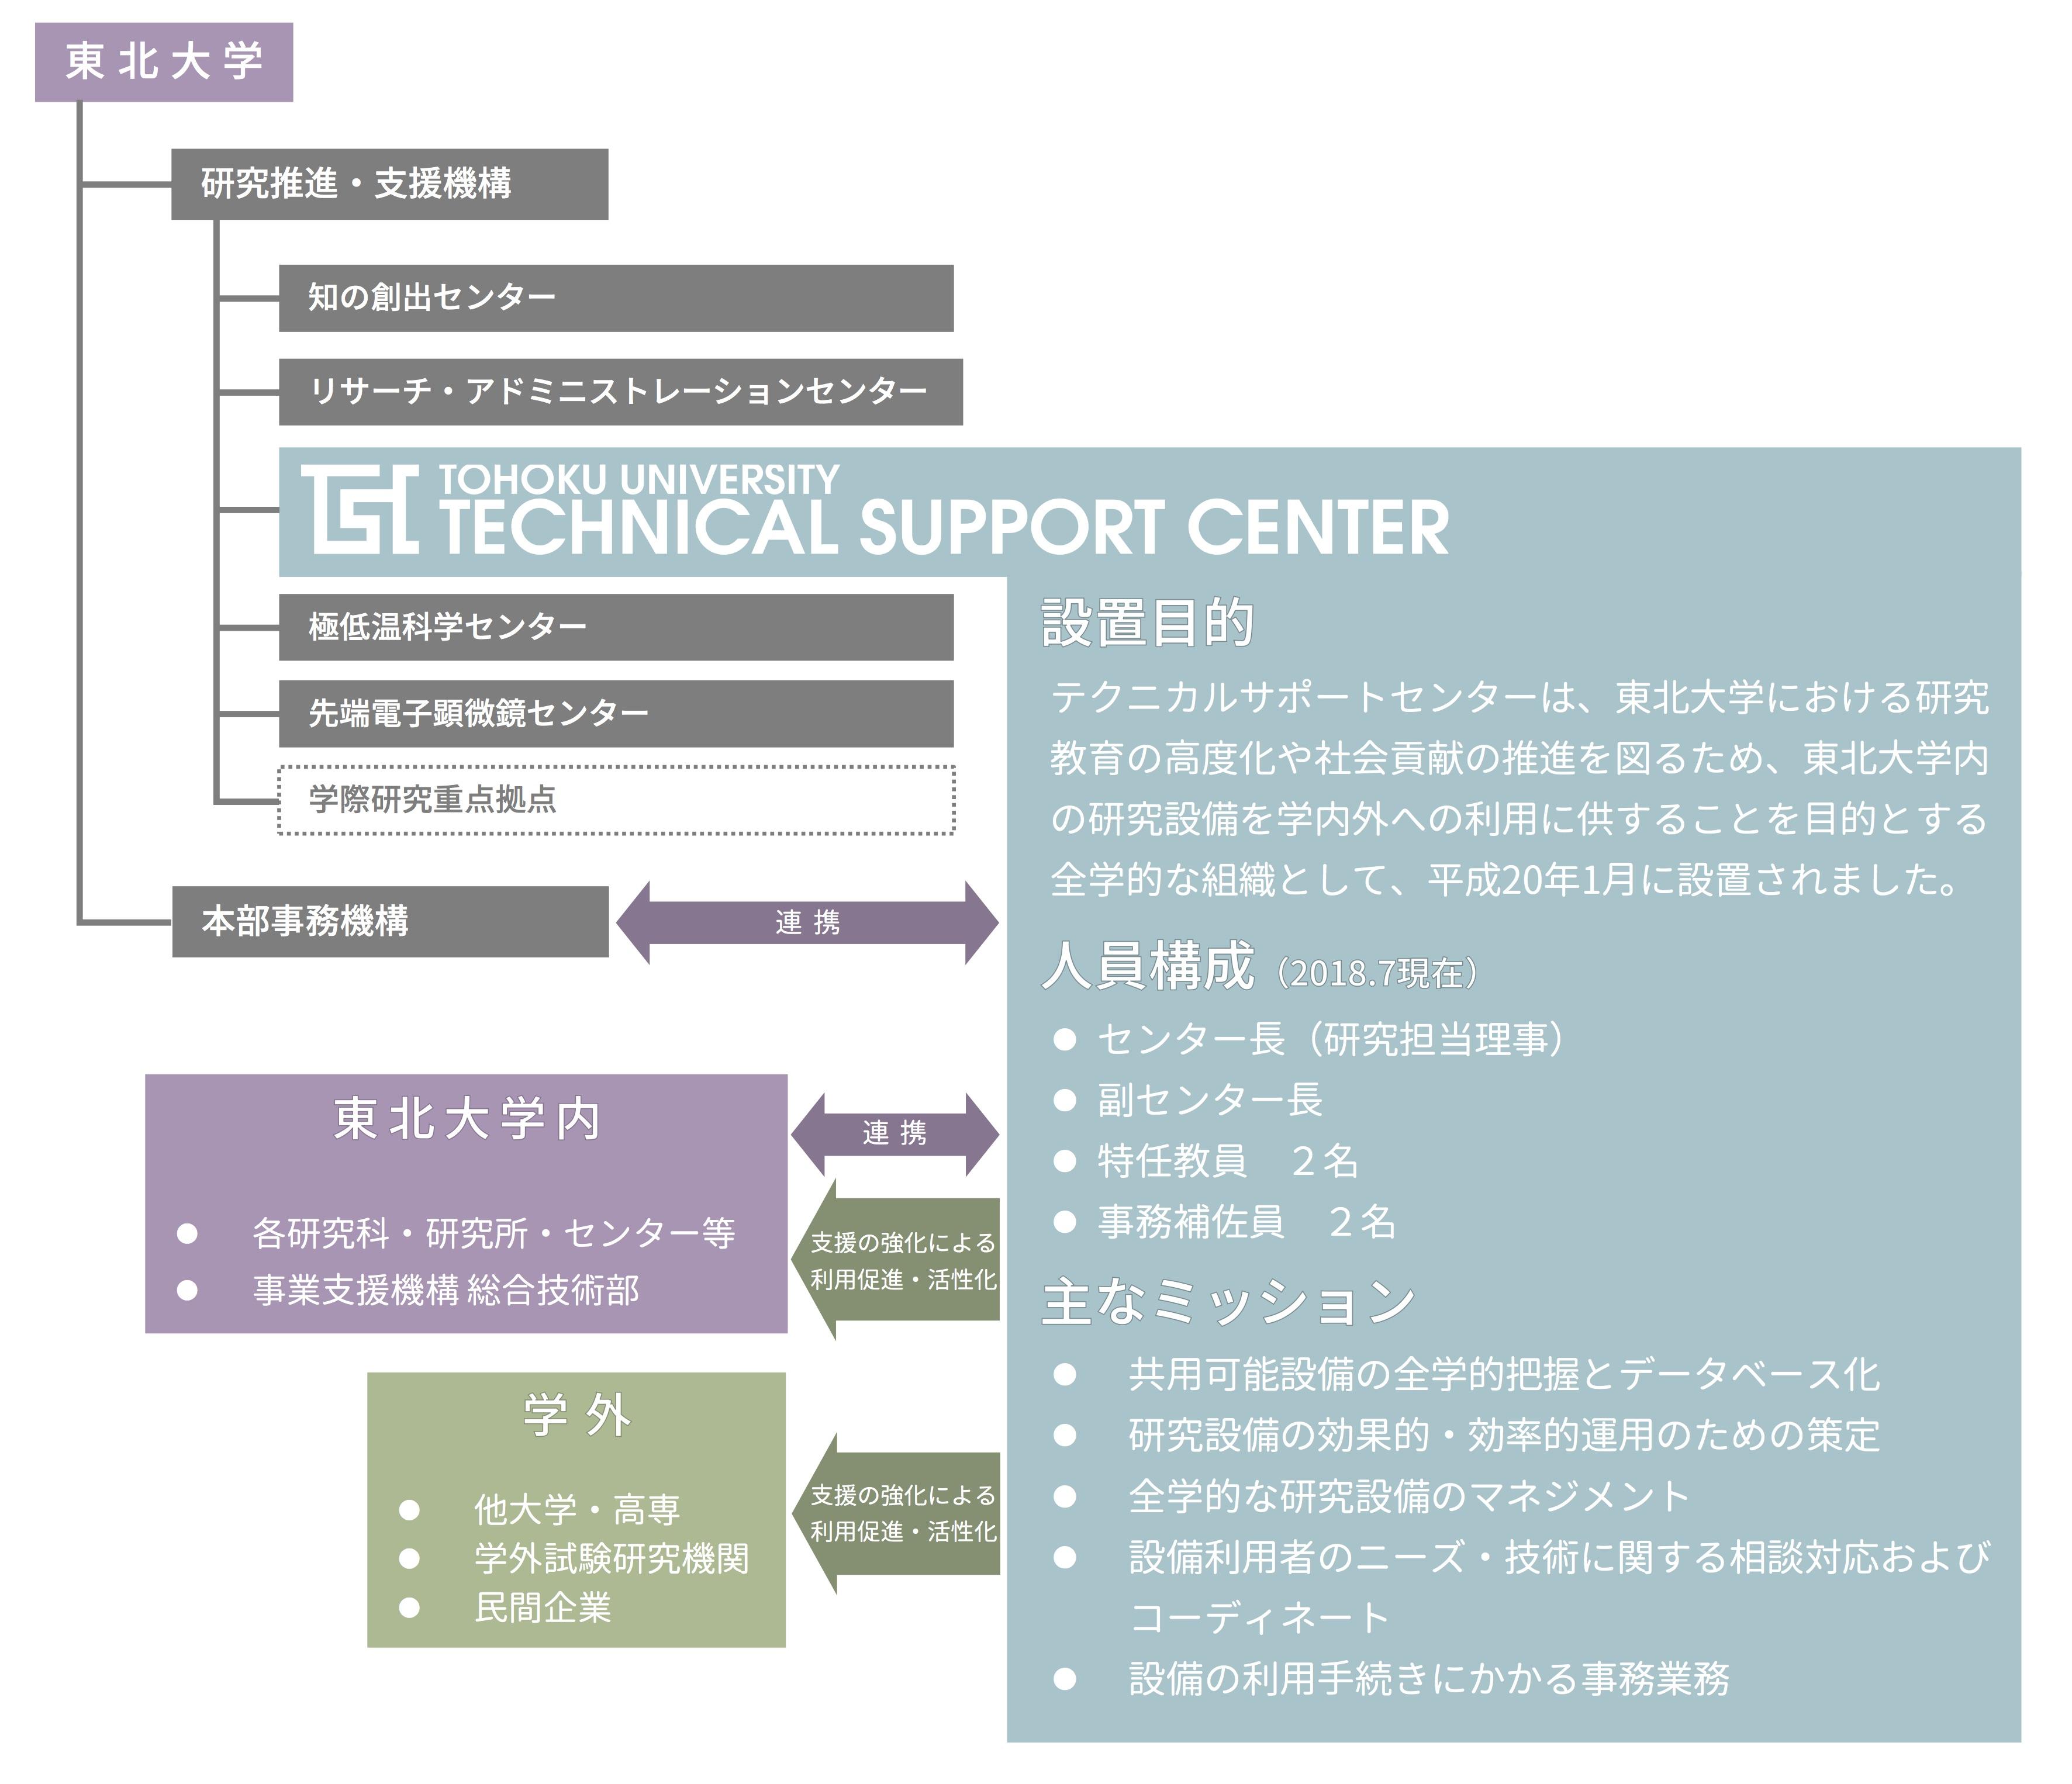 東北大学テクニカルサポートセンター概要図